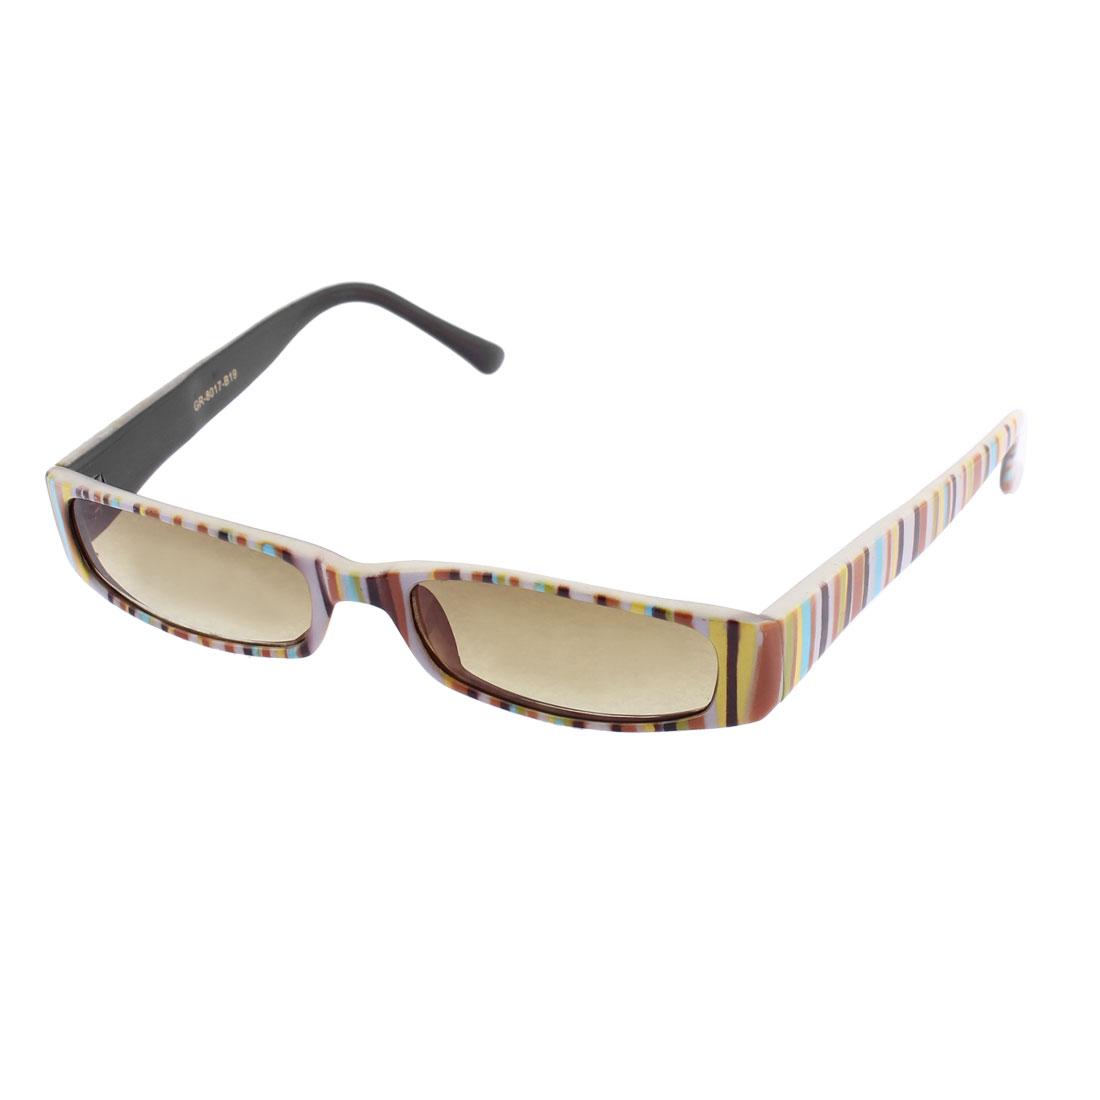 Plastic Rectangular Shape Lens Full Frame Single Bridge Sunglasses for Lady